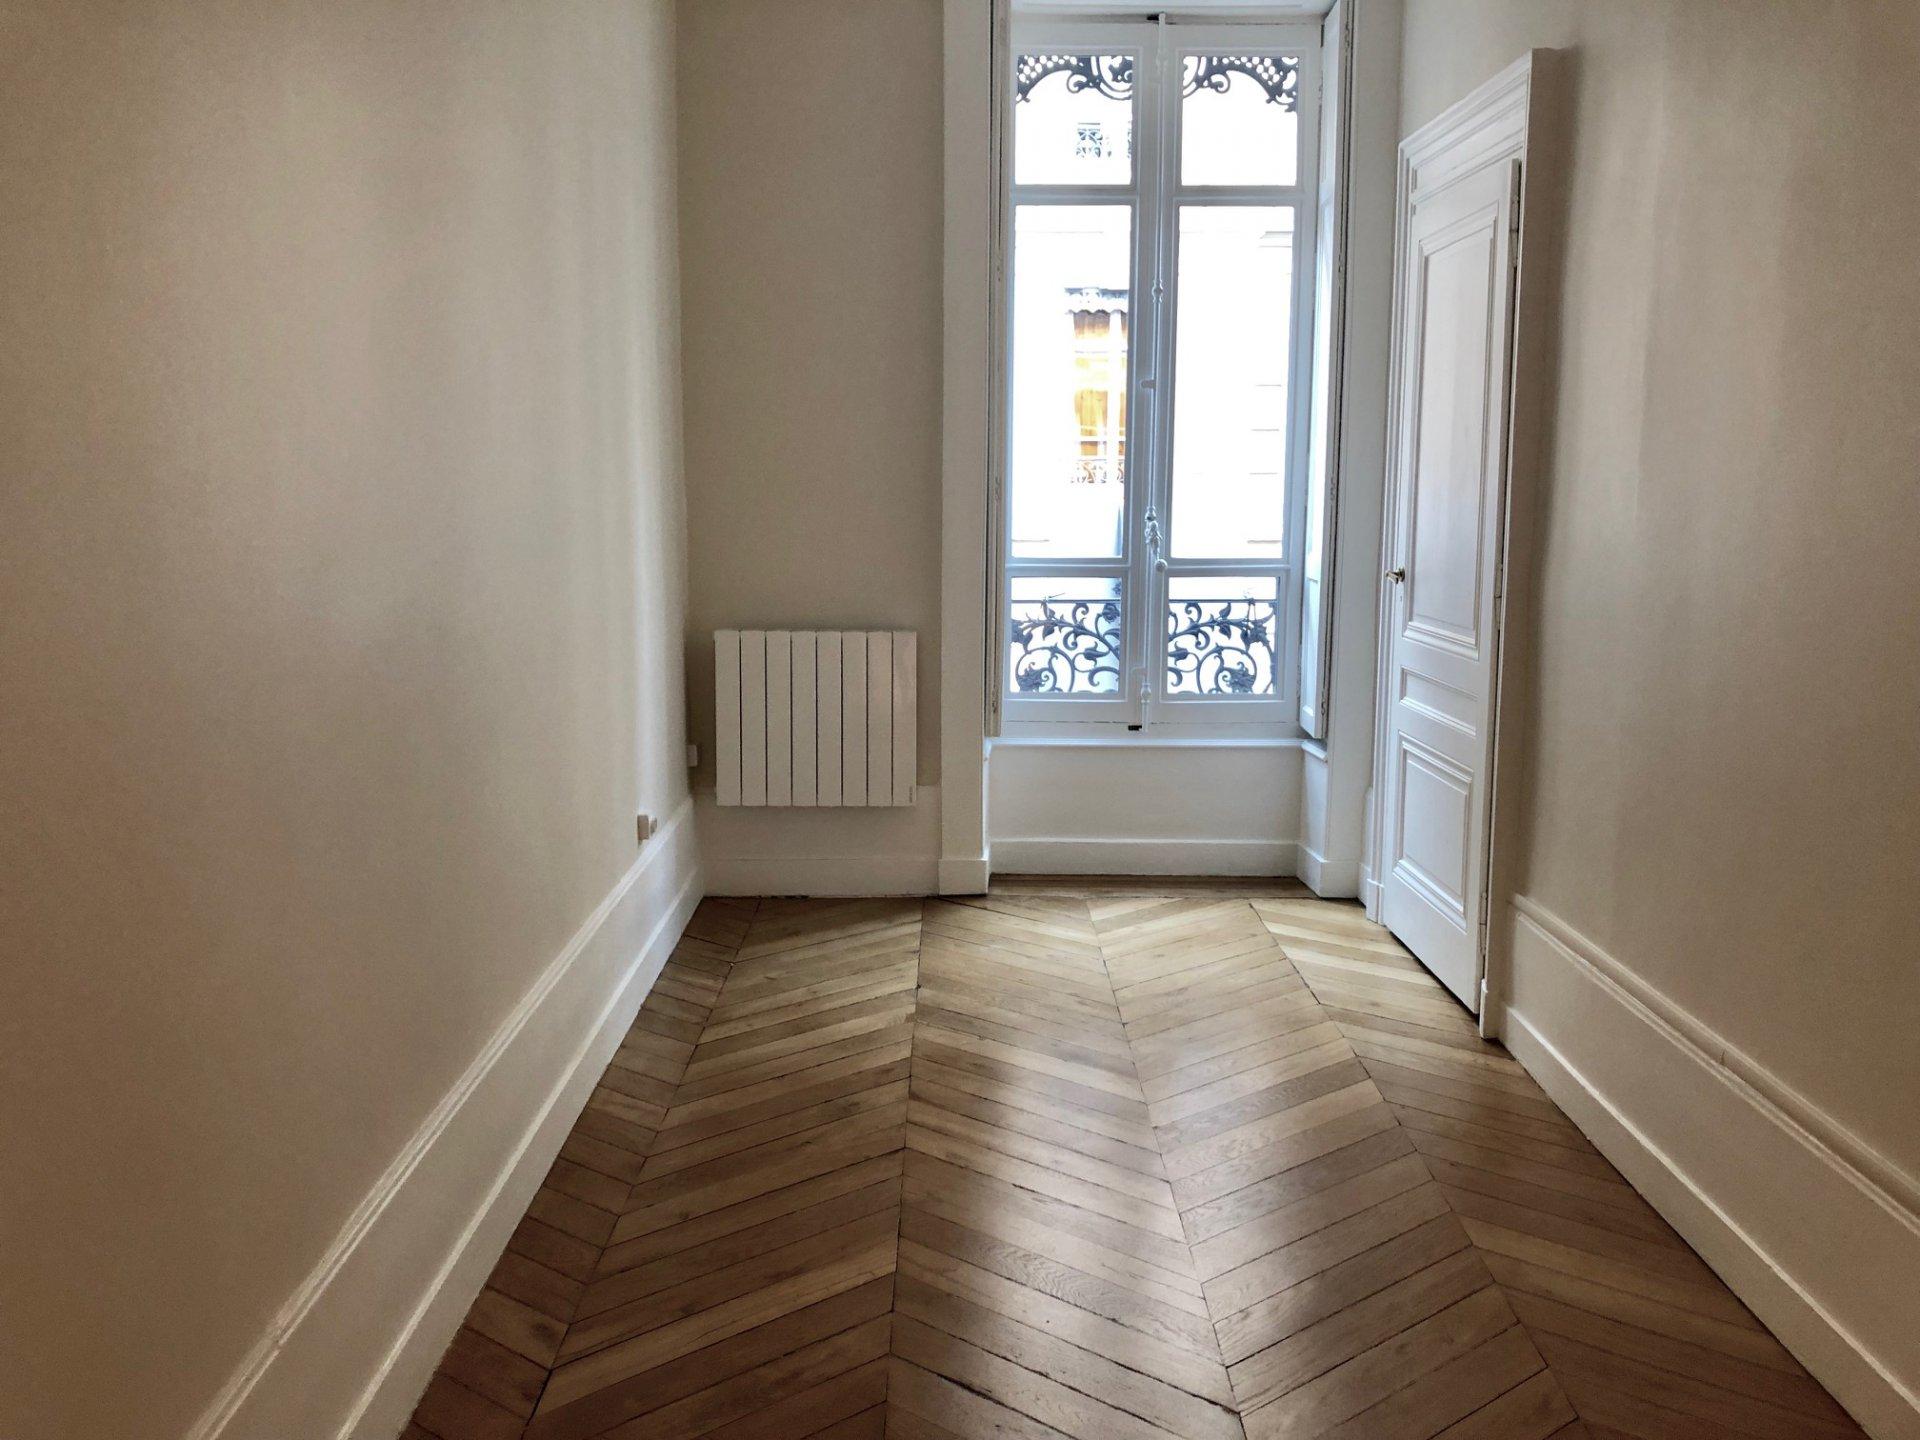 Loué par notre agence -T4 BOURGEOIS Rénové rue Molière